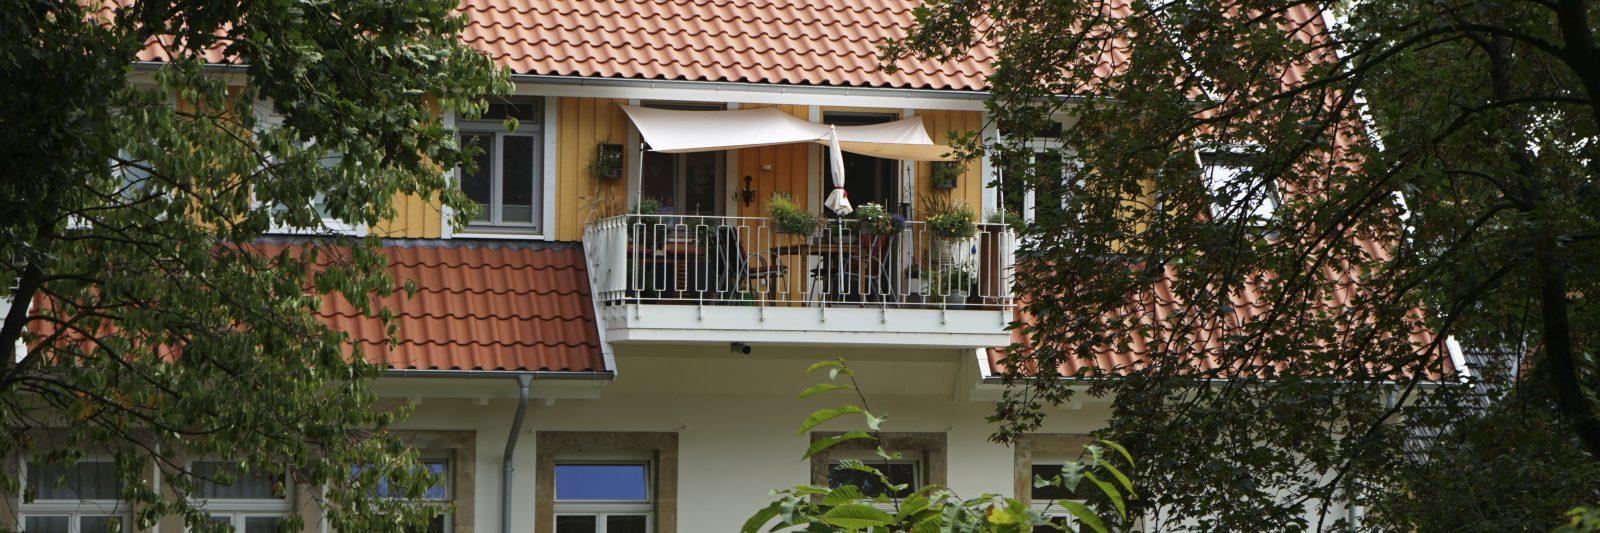 Gutshaus_Wohnen_Balkon